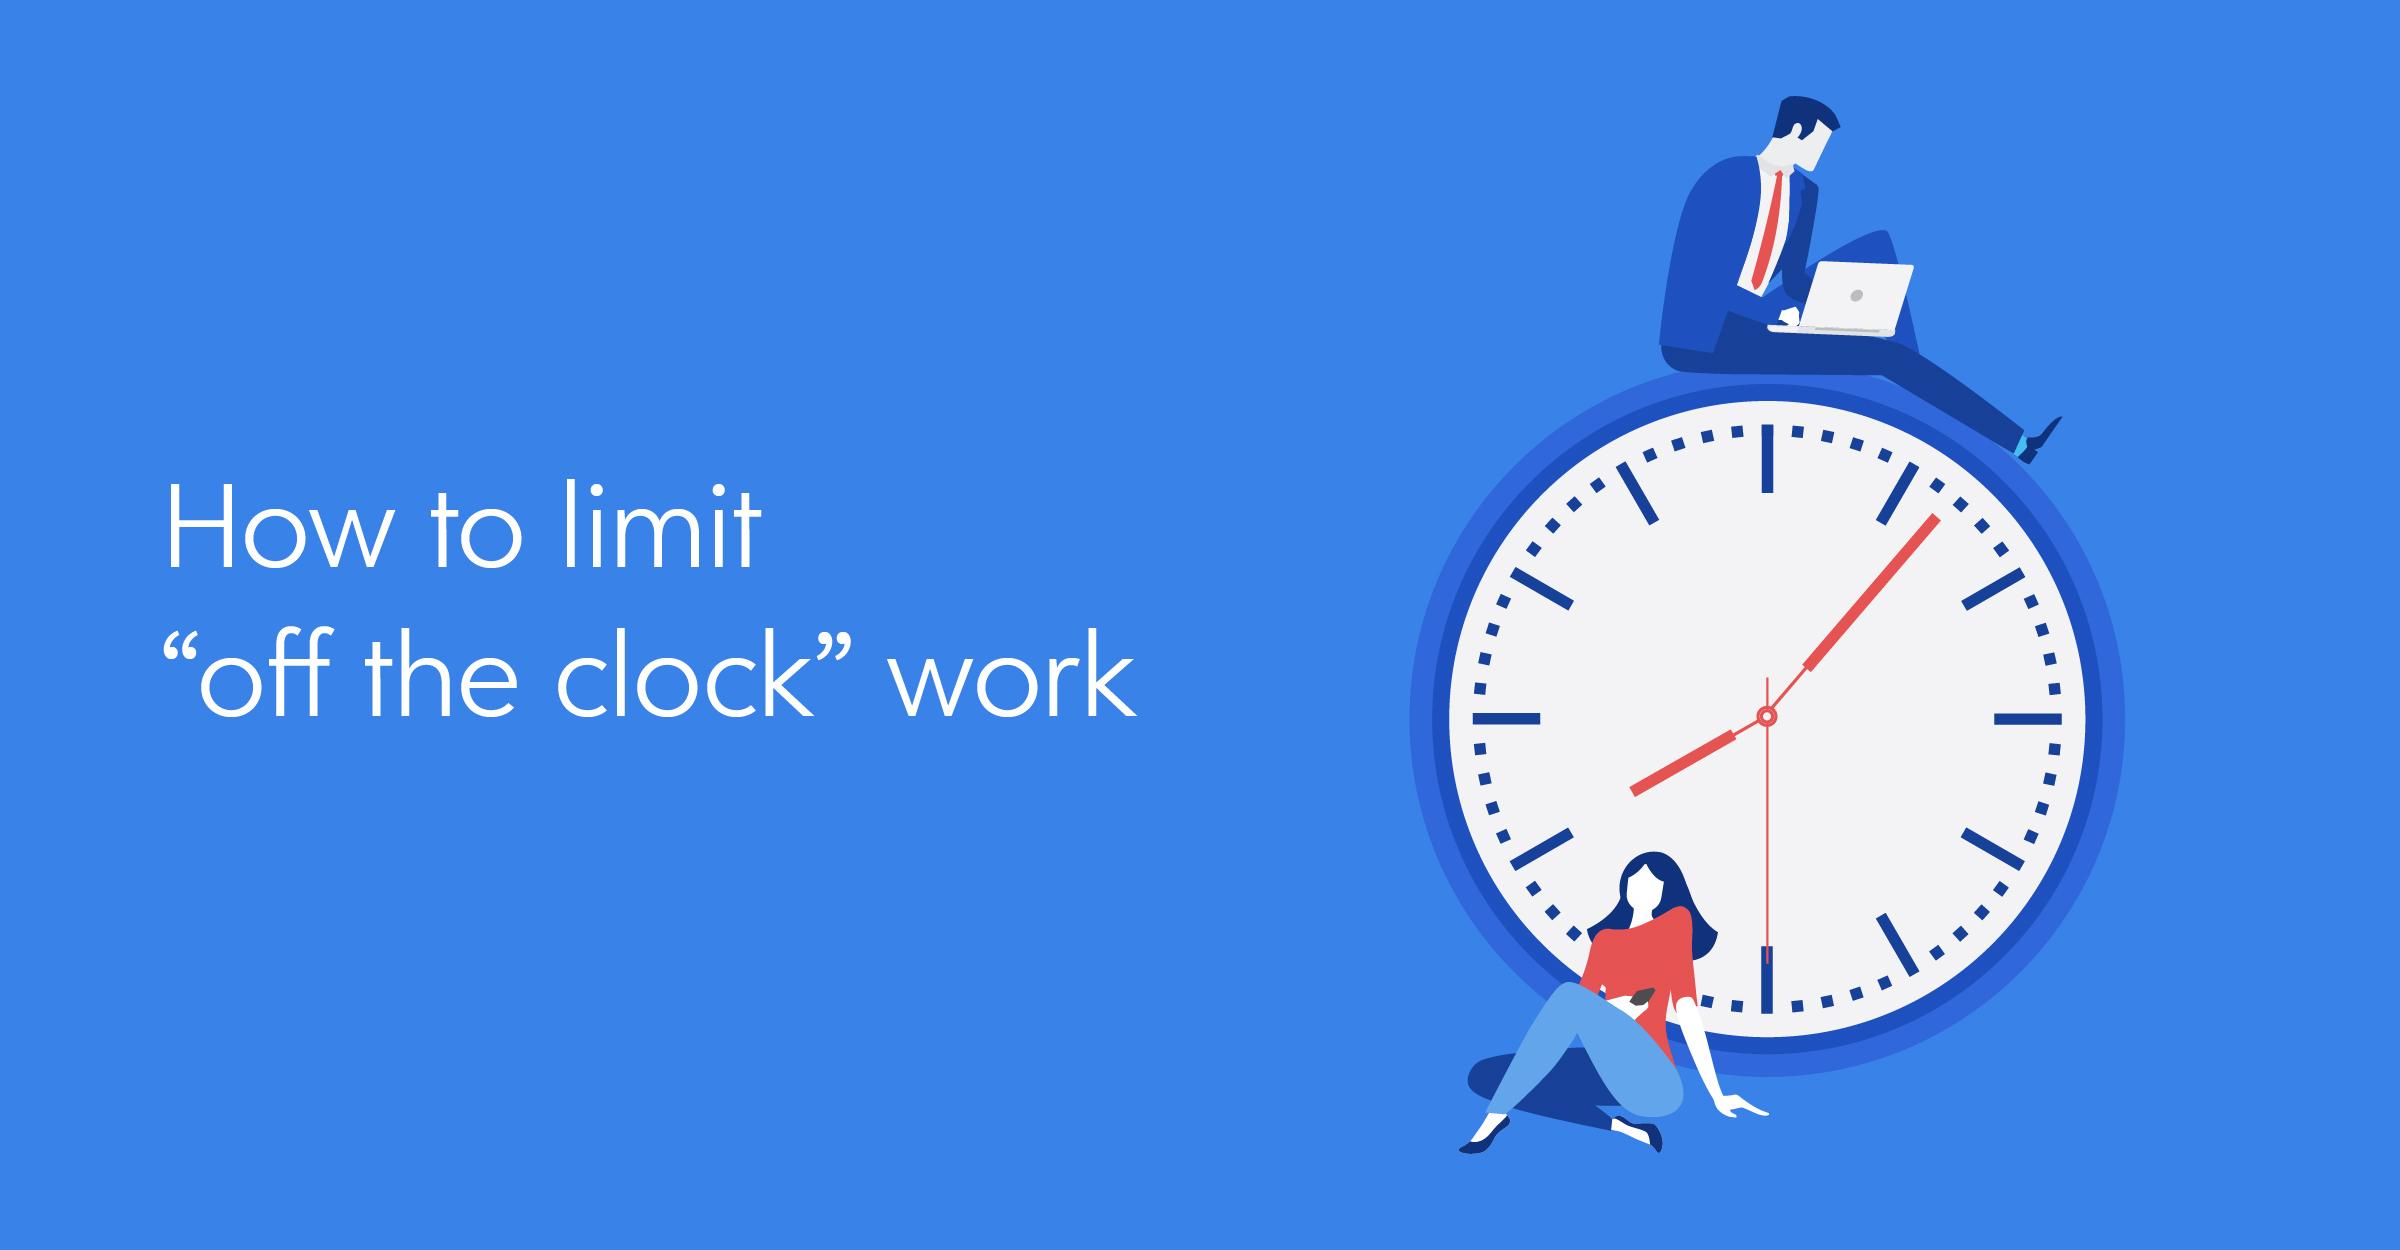 Off The Clock Work Lift Jpg Ext Jpg